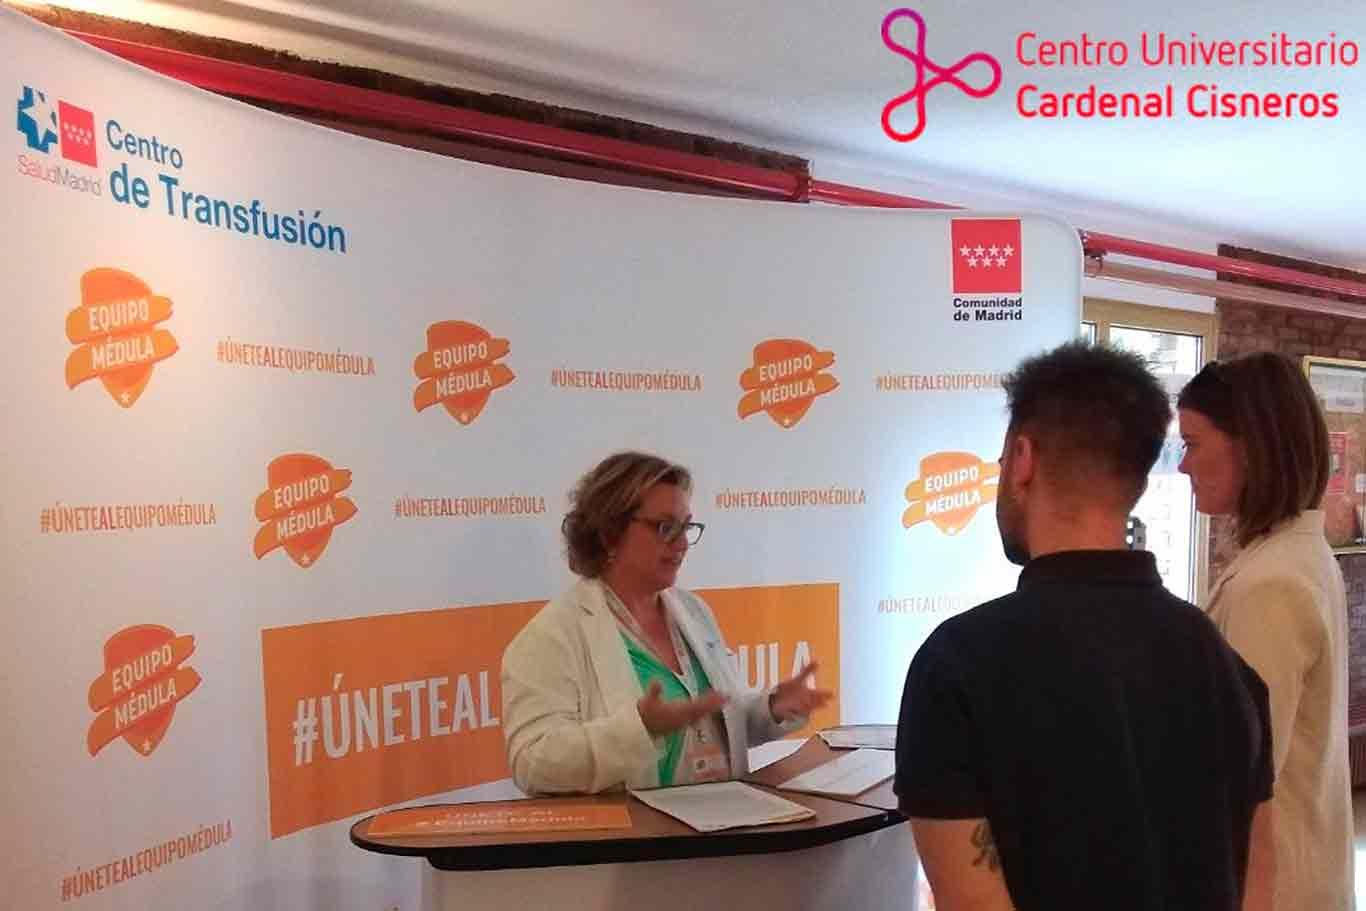 28 nuevos donantes de médula del CU Cardenal Cisneros en una sola jornada - Dream! Alcalá